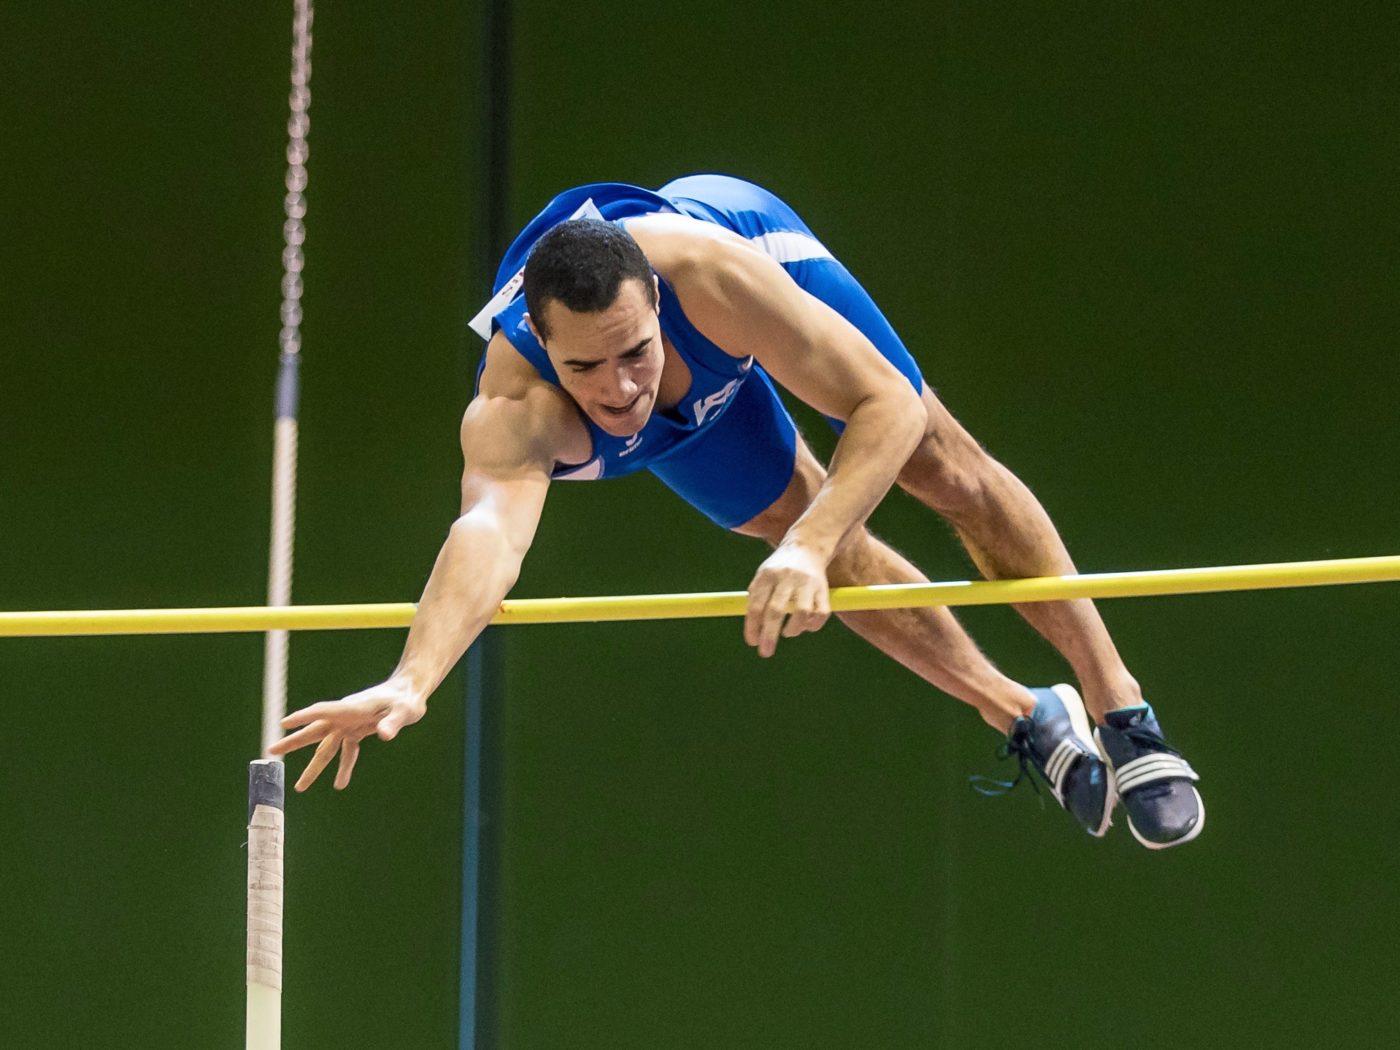 Dominik Alberto an der Hallen-Schweizer-Meisterschaften in Magglingen 2018, bei denen er mit 5,55 persönliche Bestleistung springt